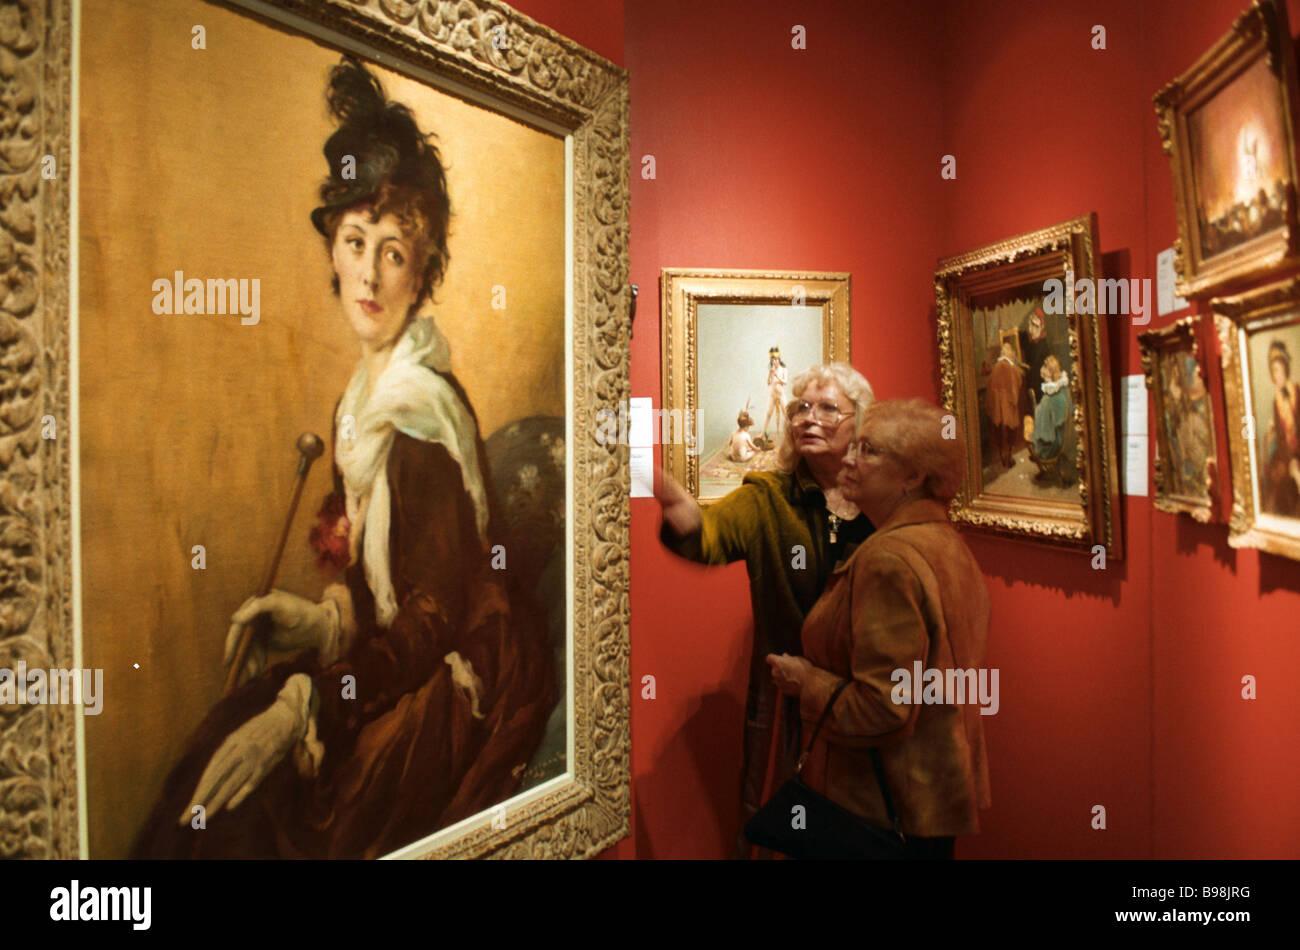 Der Moskauer International Fine Arts Gallery in der Manege zentralen Ausstellungssaal Stockbild